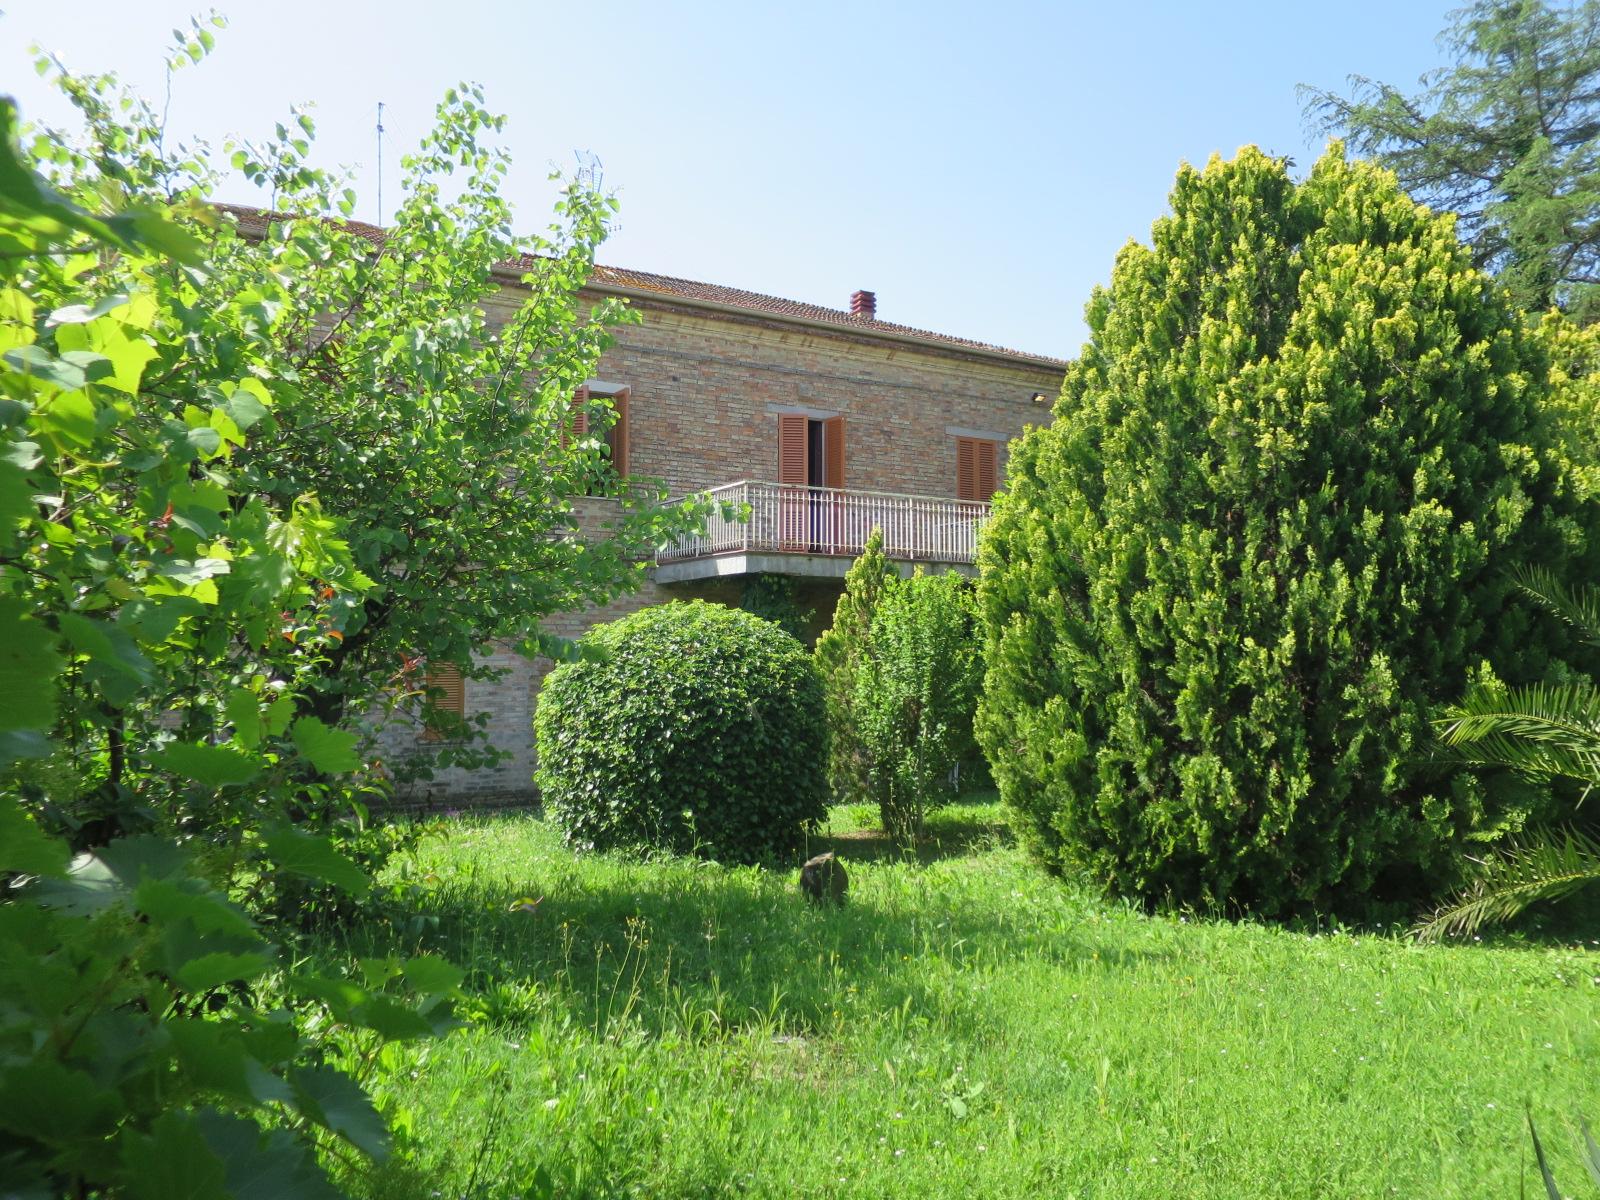 Villa Villa for sale Roseto degli Abruzzi (TE), Villa del Marinaio - Roseto degli Abruzzi - EUR 385.559 440